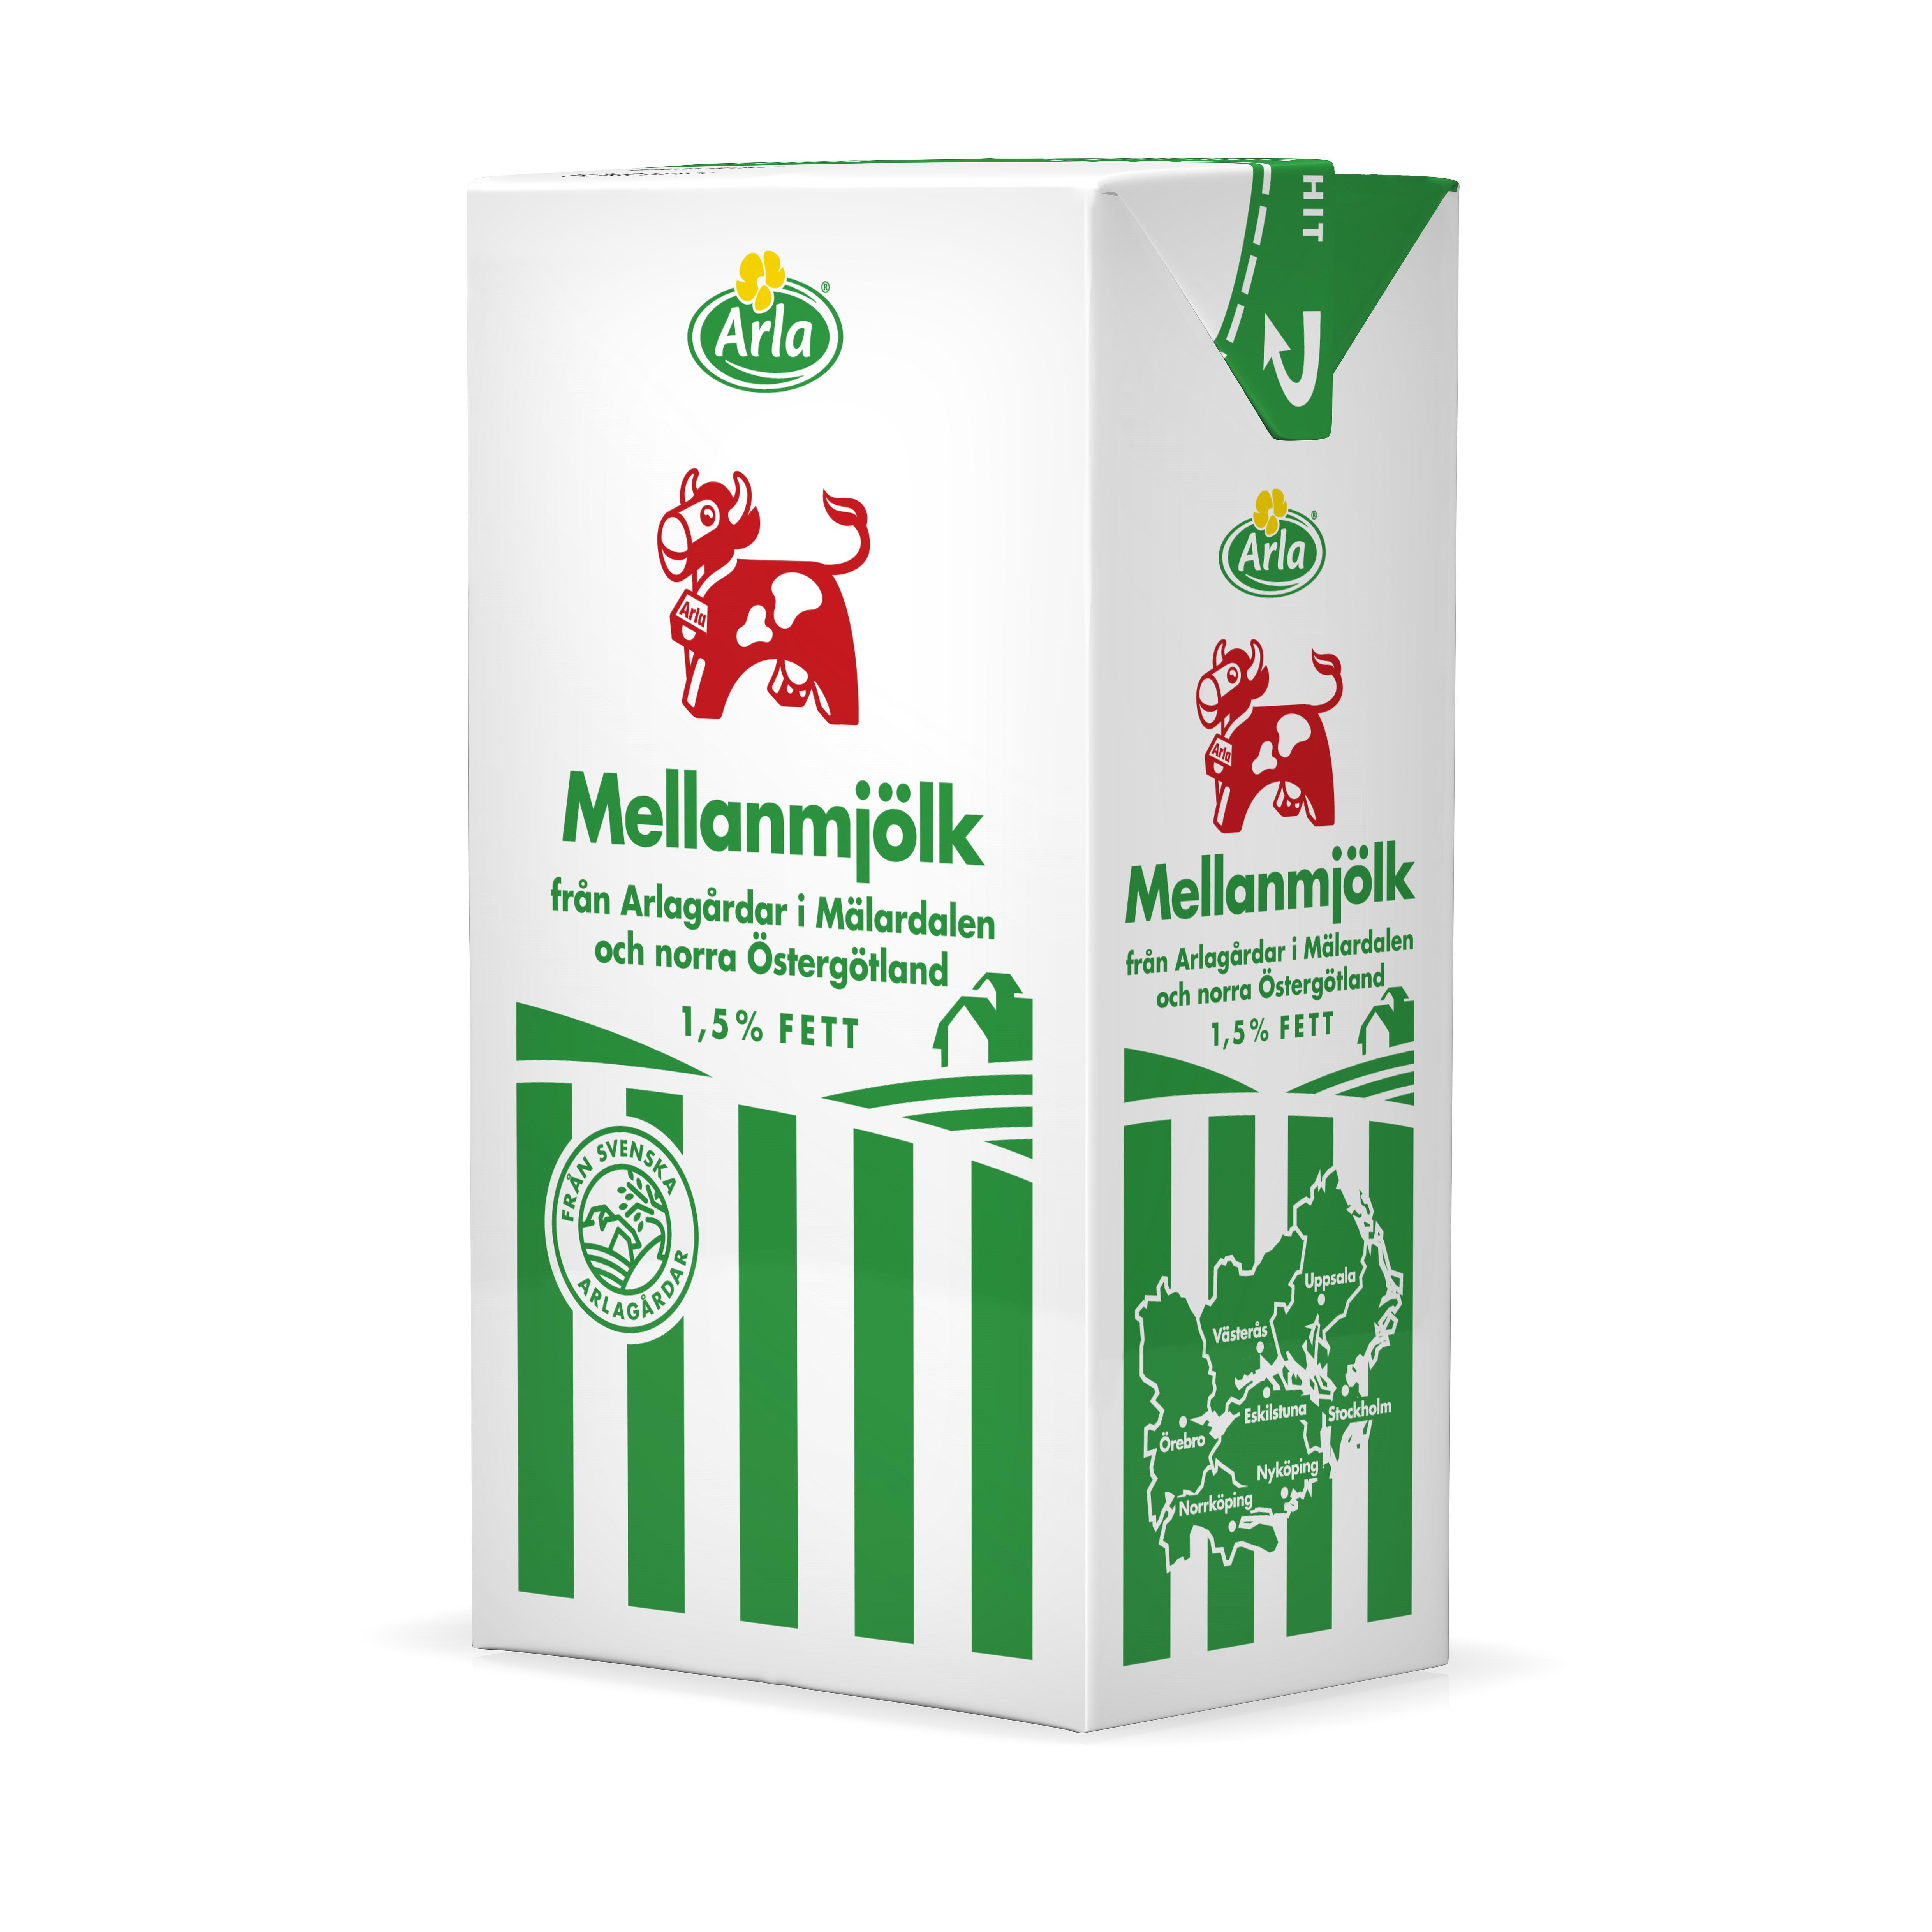 ekologisk laktosfri mjölk skånemejerier